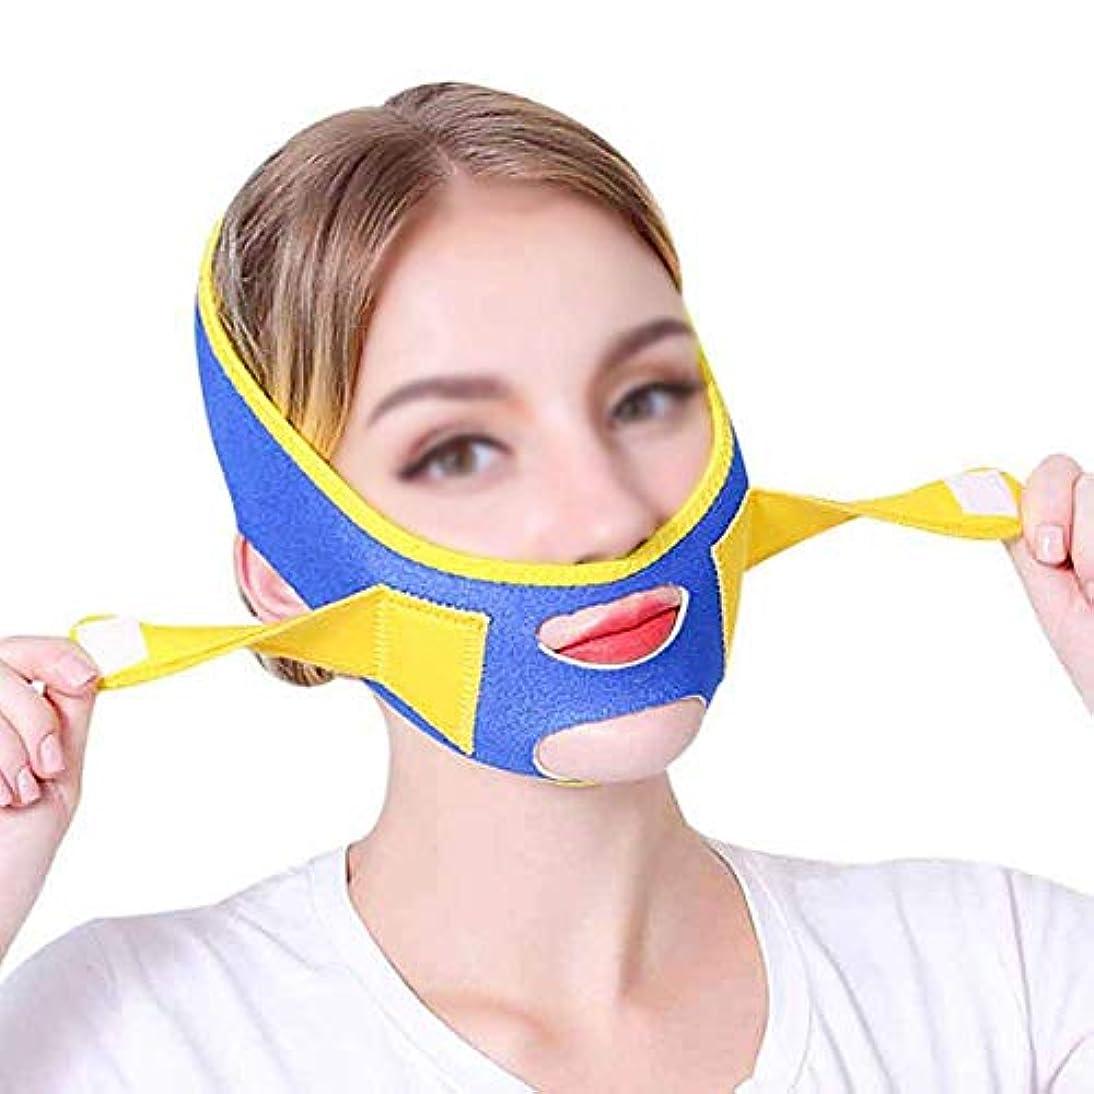 高齢者しかし誰がフェイスリフトマスク、あごストラップ回復包帯シンフェイスマスクVフェイスステッカーフェイスリフトステッカー韓国本物のリフティングファーミングリフト整形薄型ダブルチンフェイスリフト睡眠包帯アーティファクト